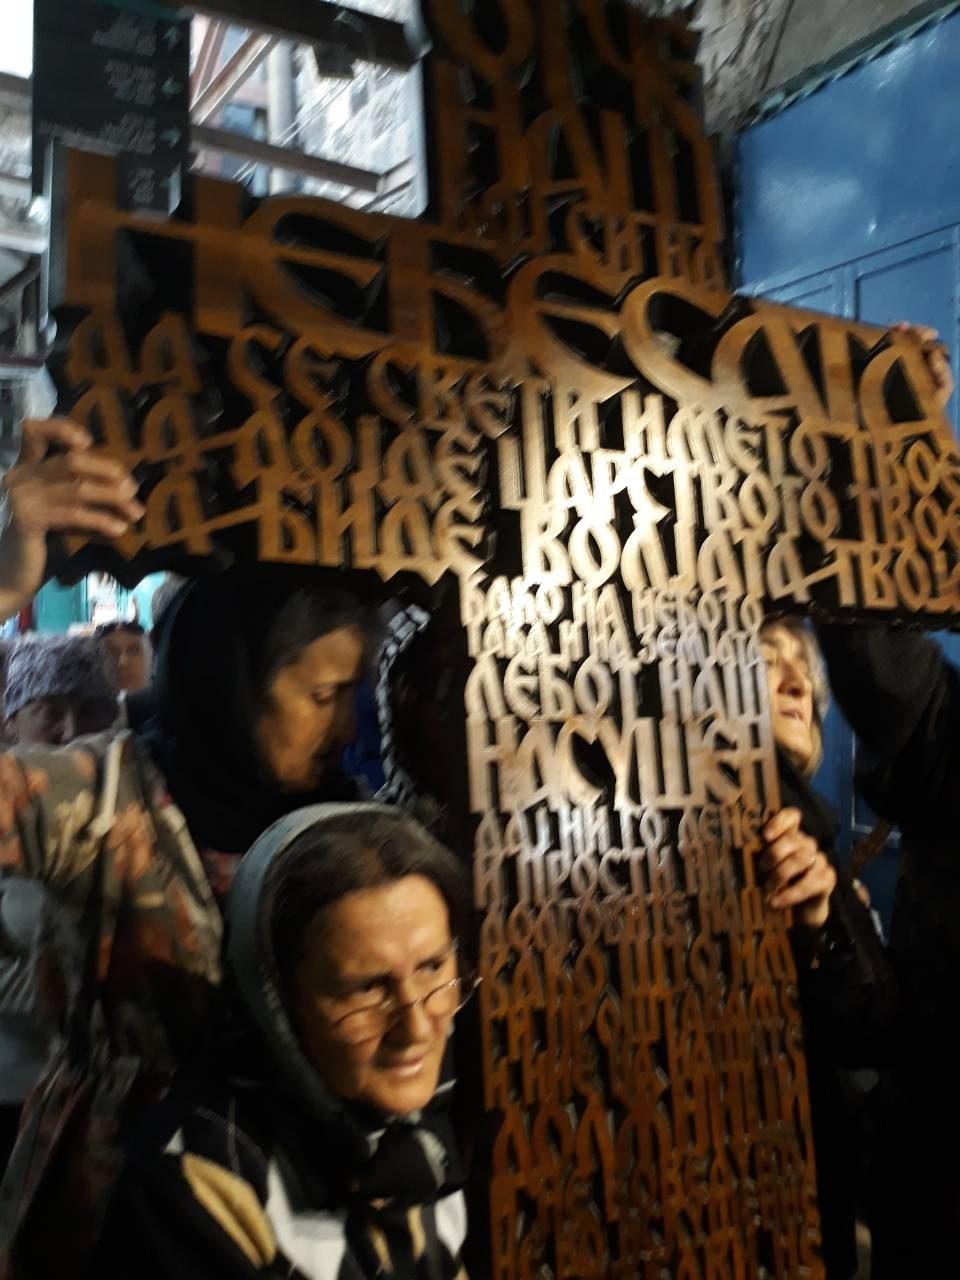 Ерусалим доби крст на кој е испишана молитвата на македонски јазик